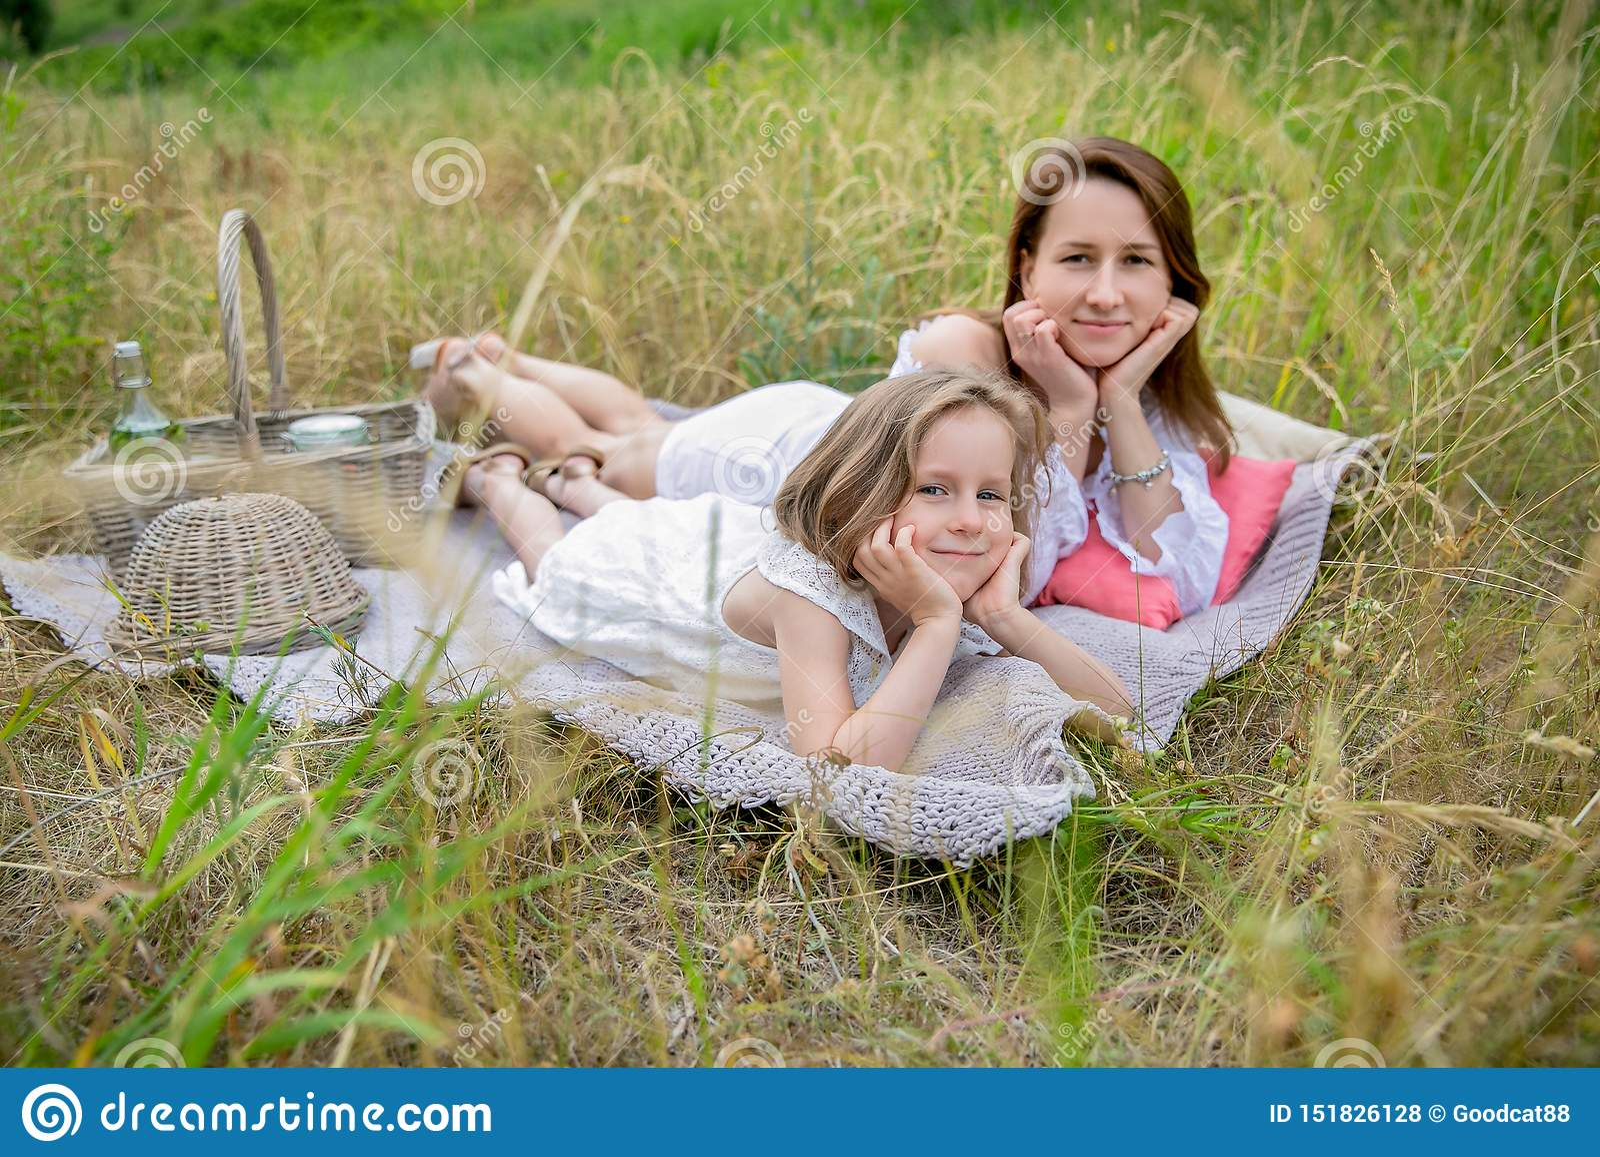 Härlig ung moder och hennes lilla dotter i den vita klänningen som har gyckel i en picknick De ligger på en pläd på gräset och